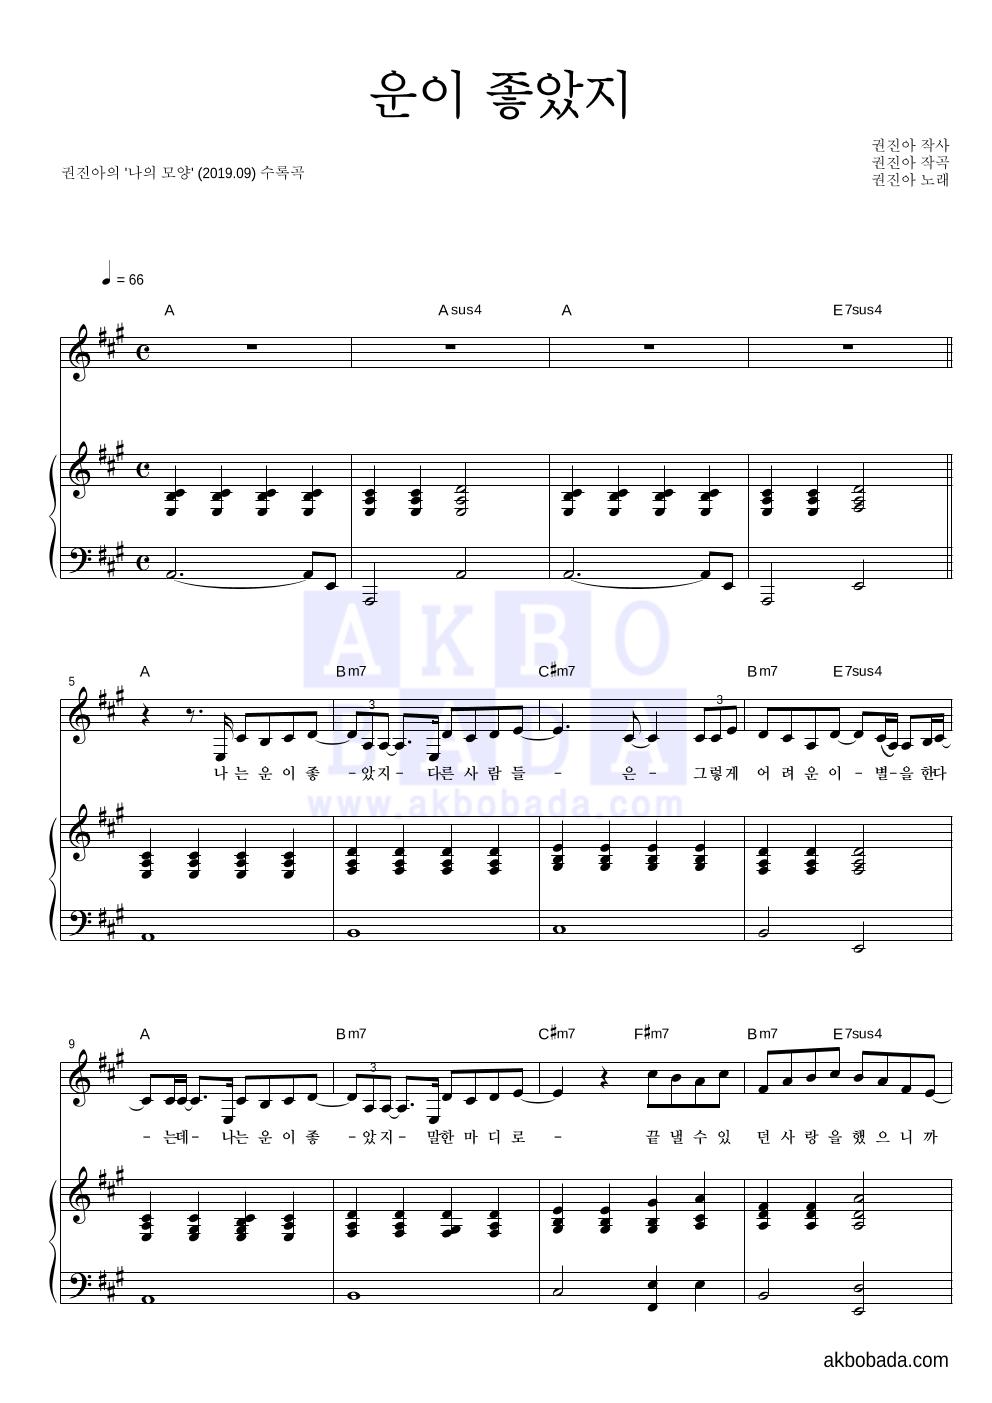 권진아 - 운이 좋았지 피아노 3단 악보